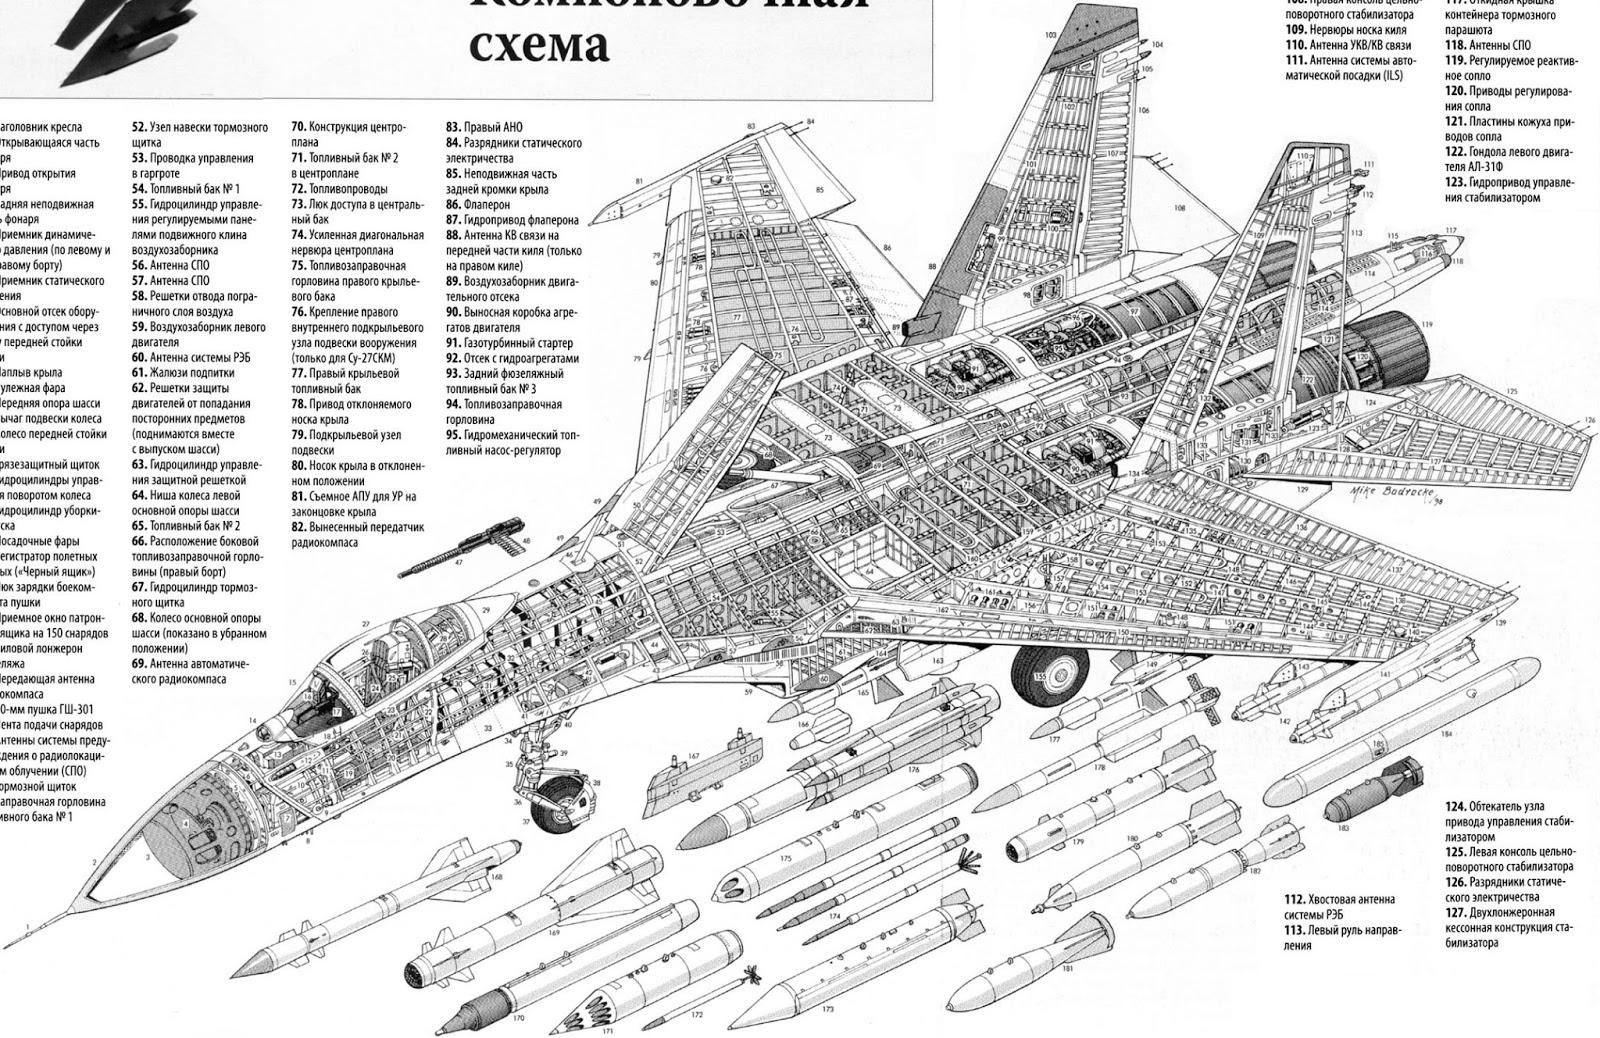 SU-35 CUTAWAY 0417-08-2-8